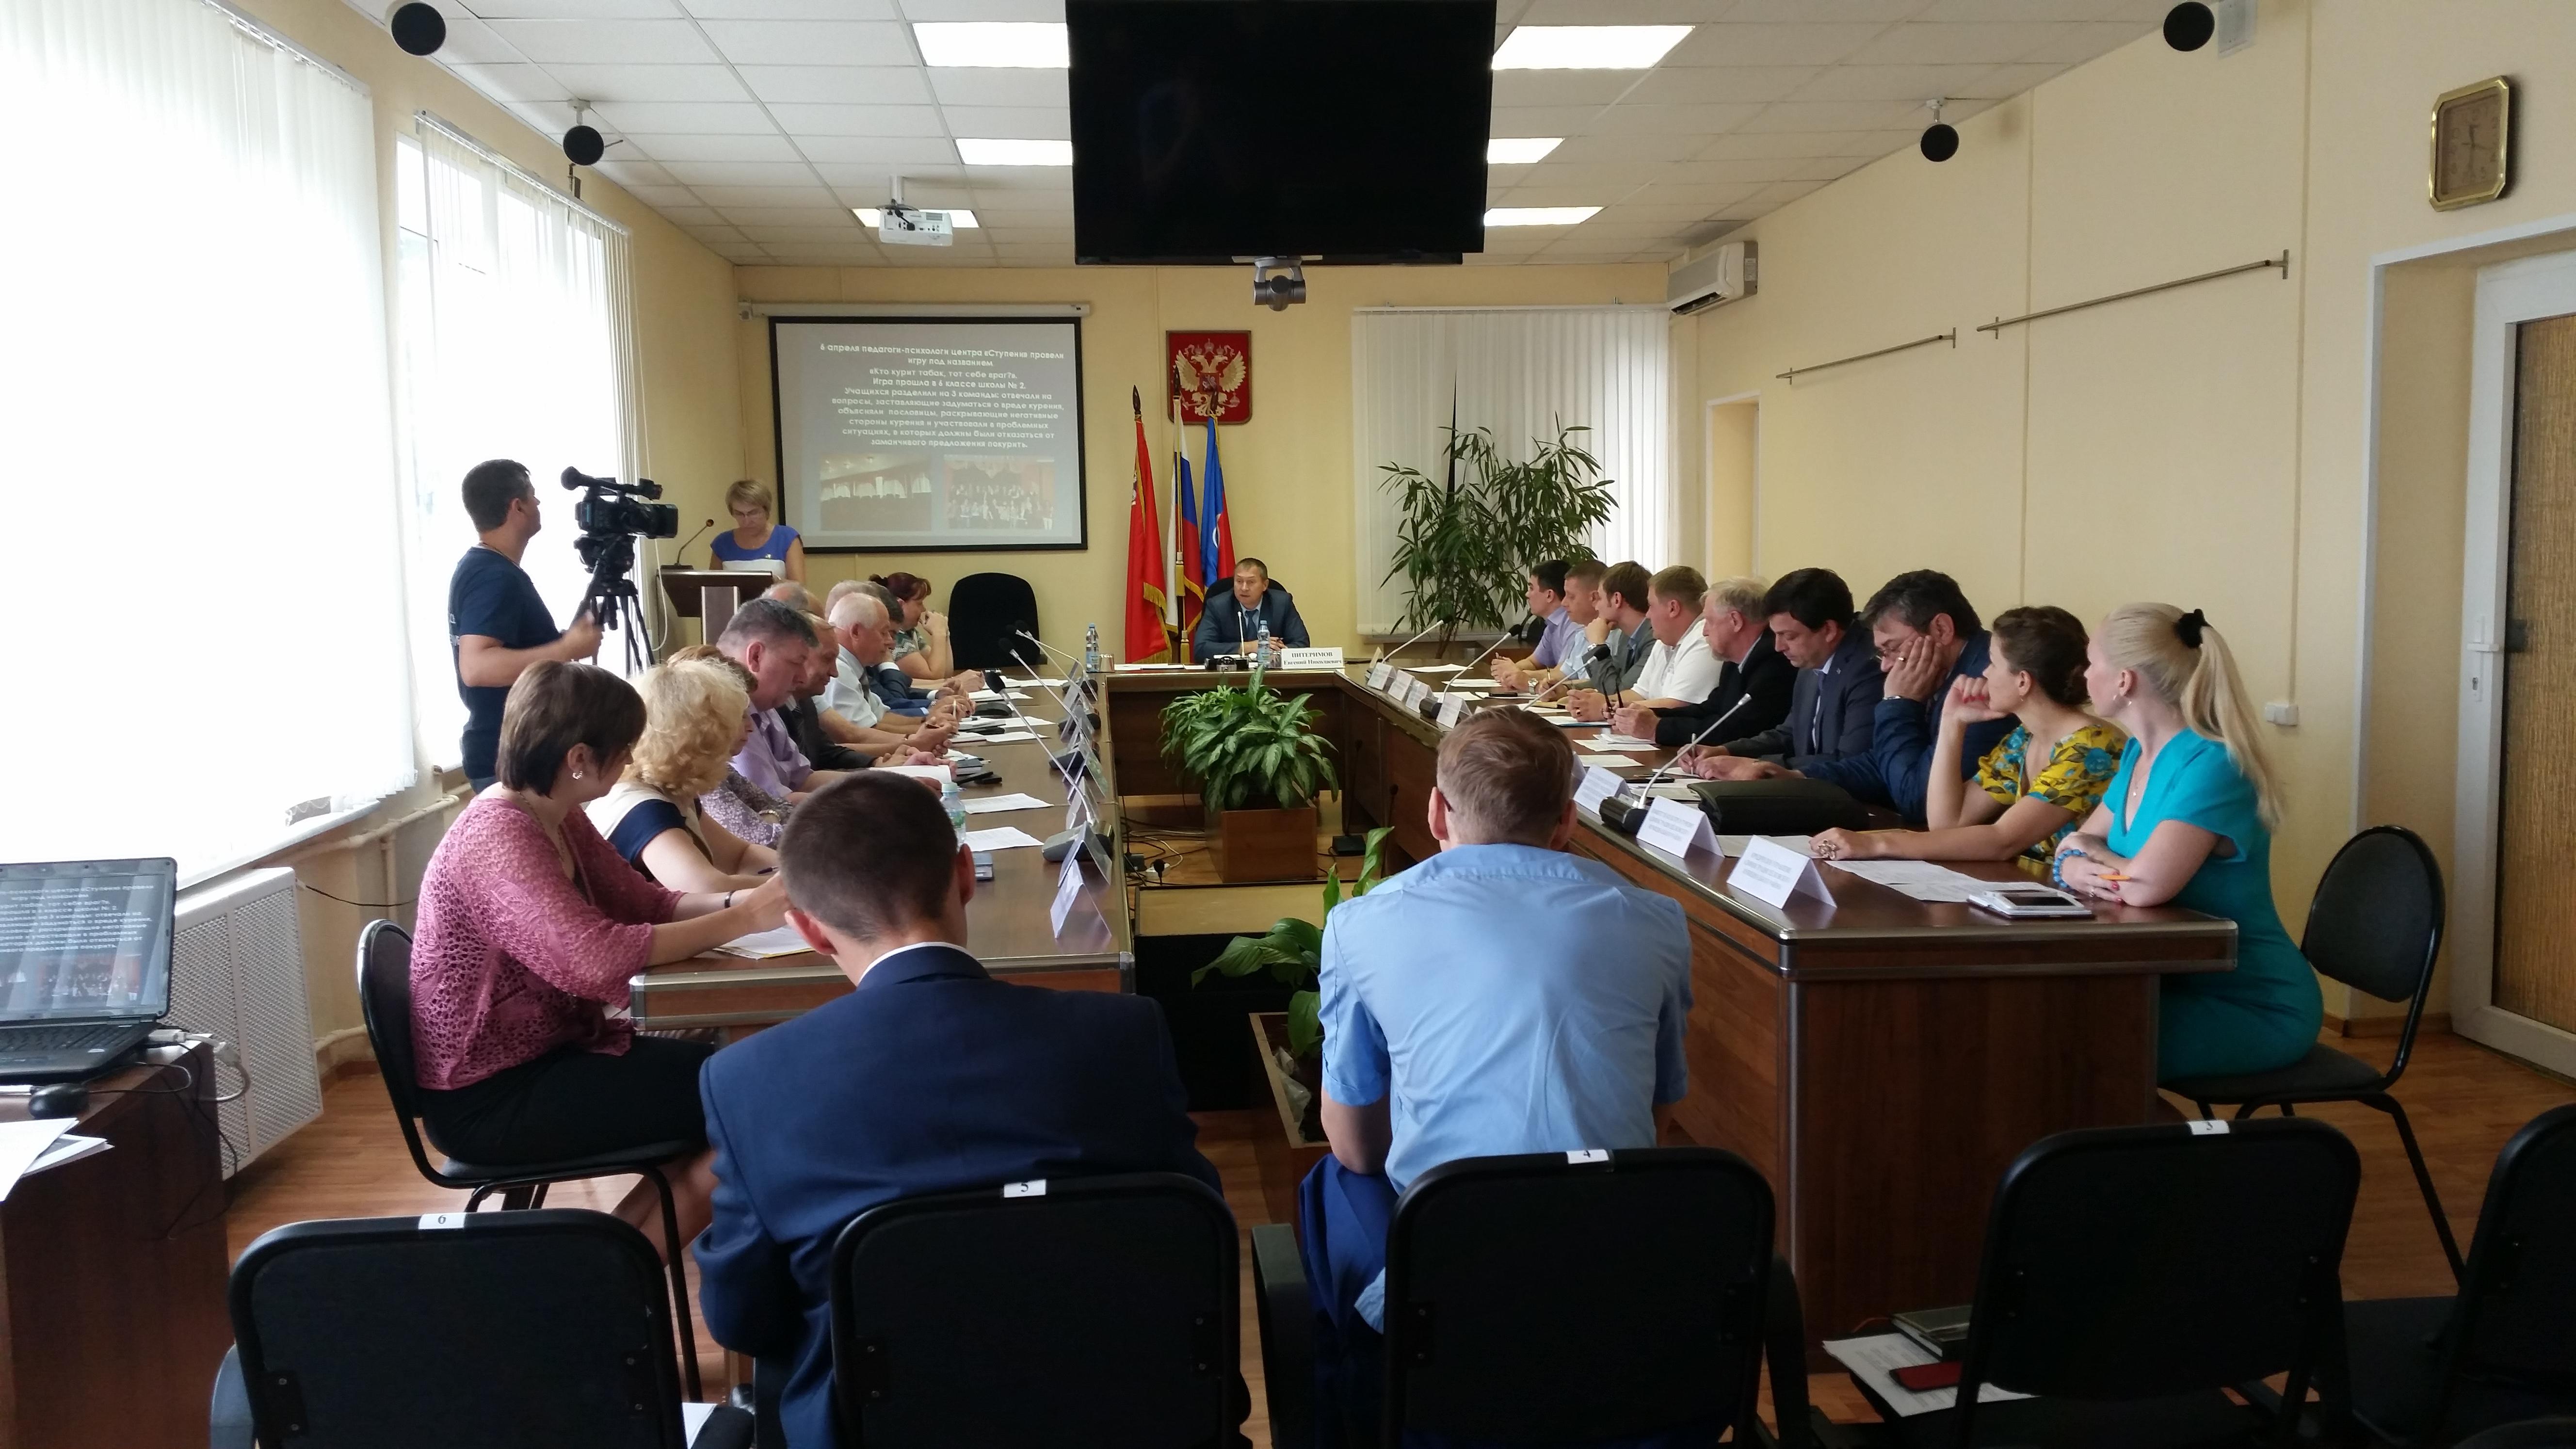 Состоялось очередное заседание Антинаркотической комиссии в Щелковском муниципальном районе Московской области